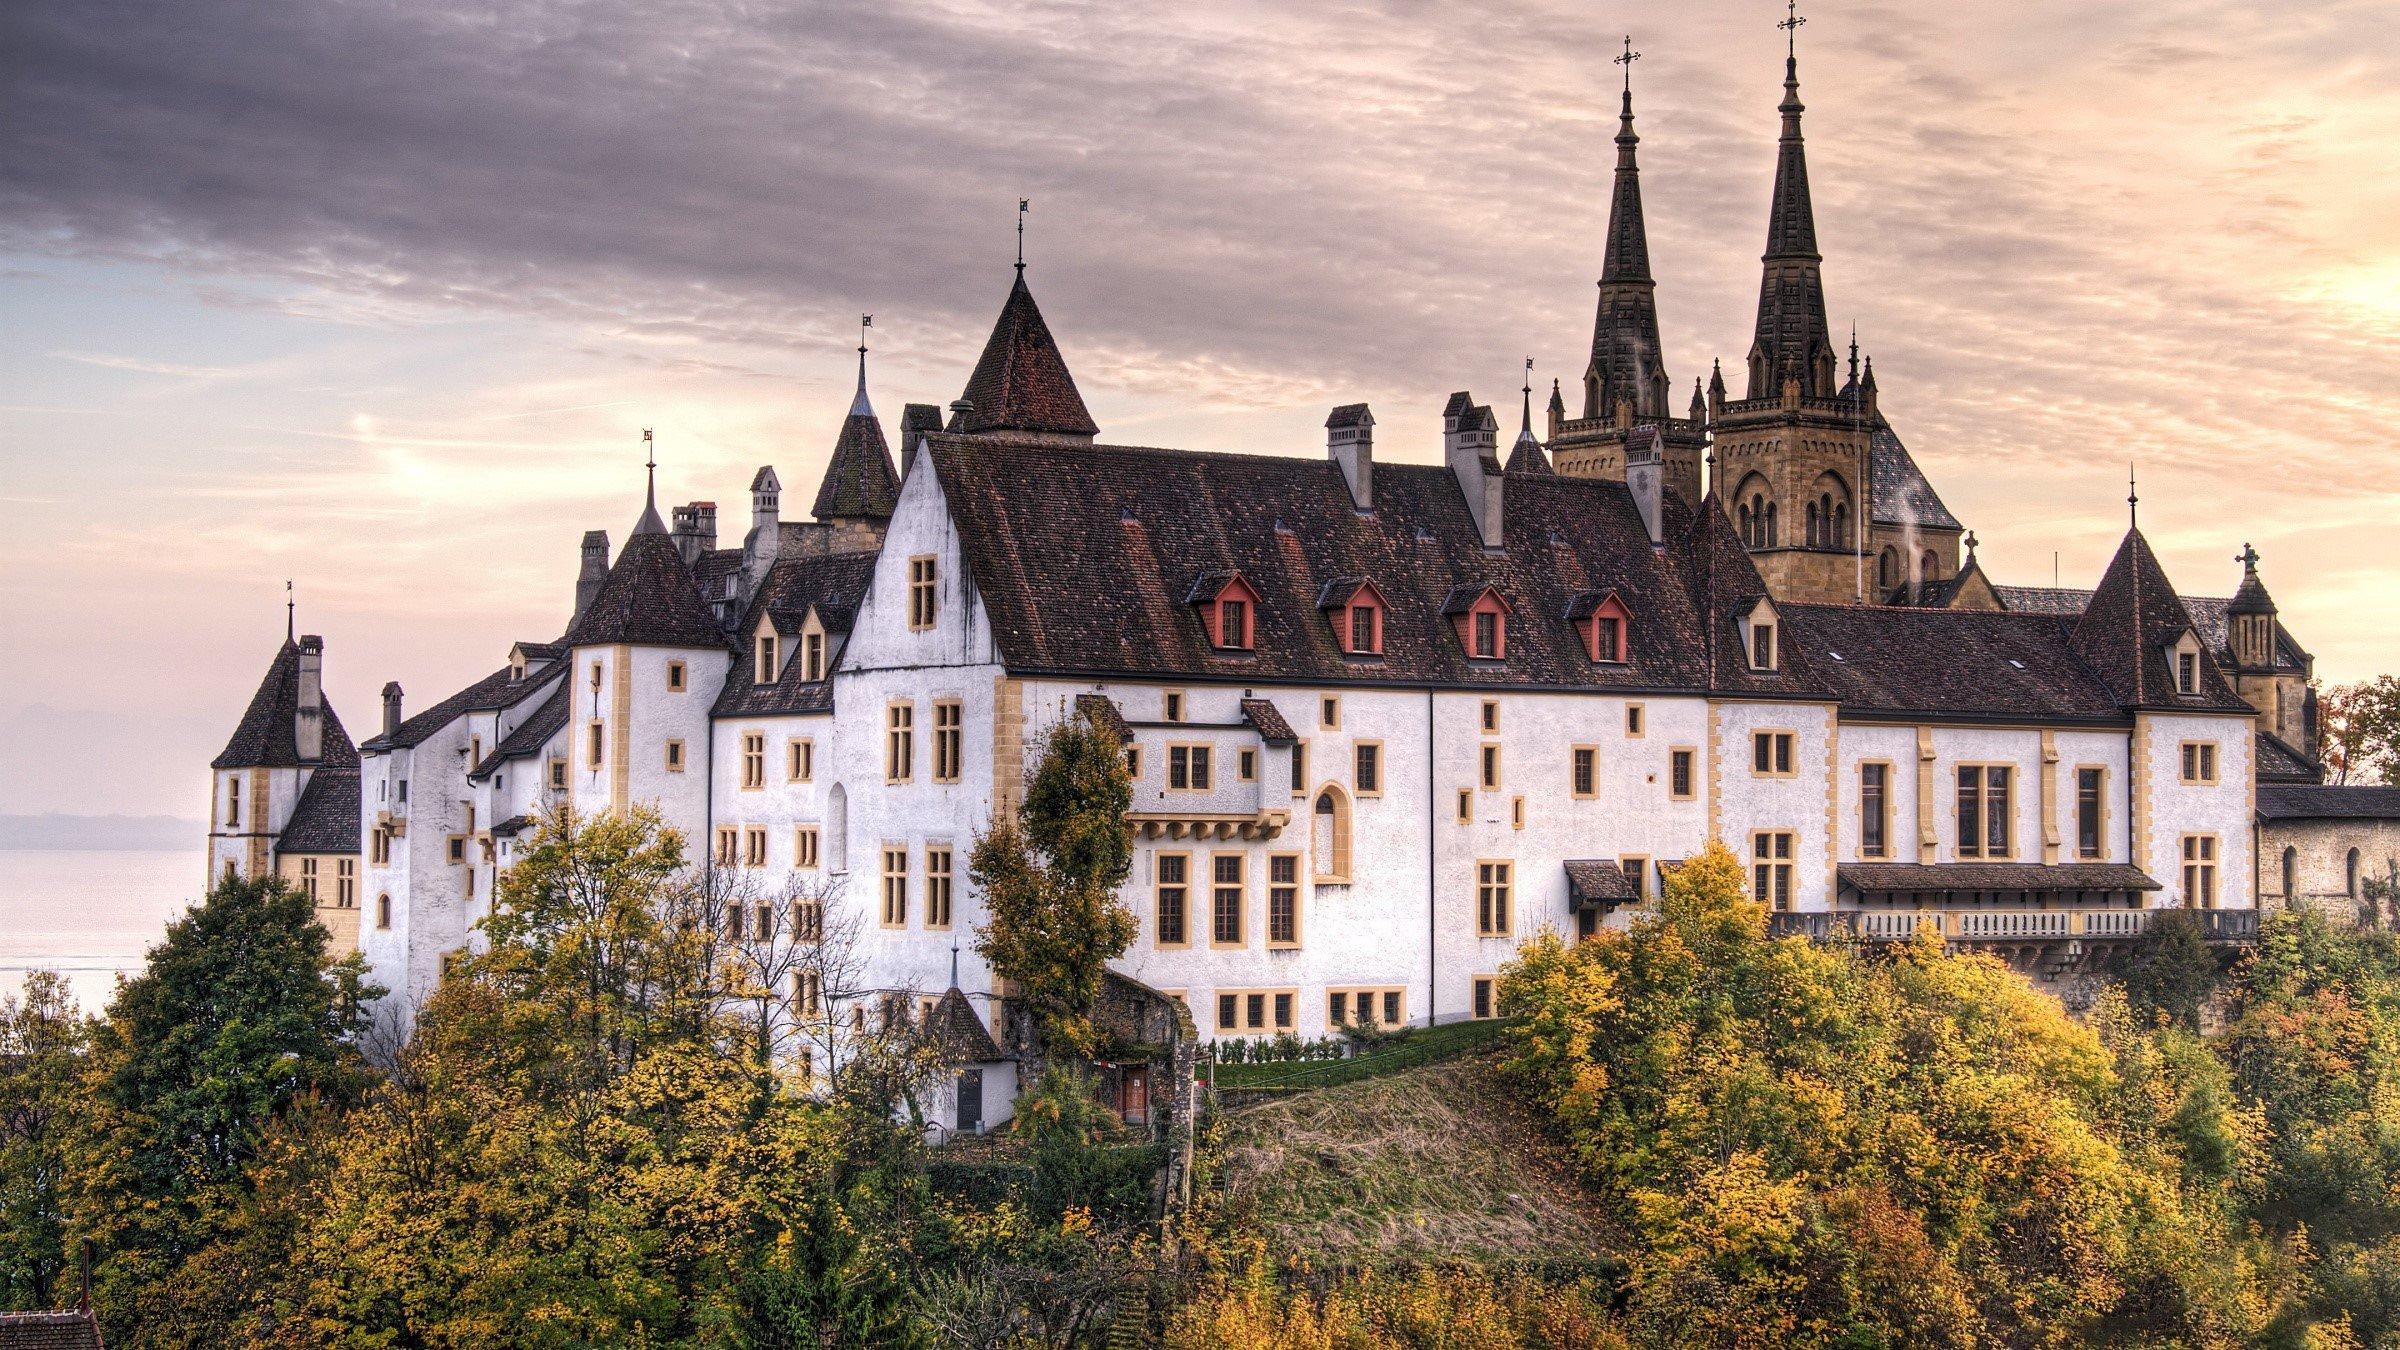 Wallpaper A great castle